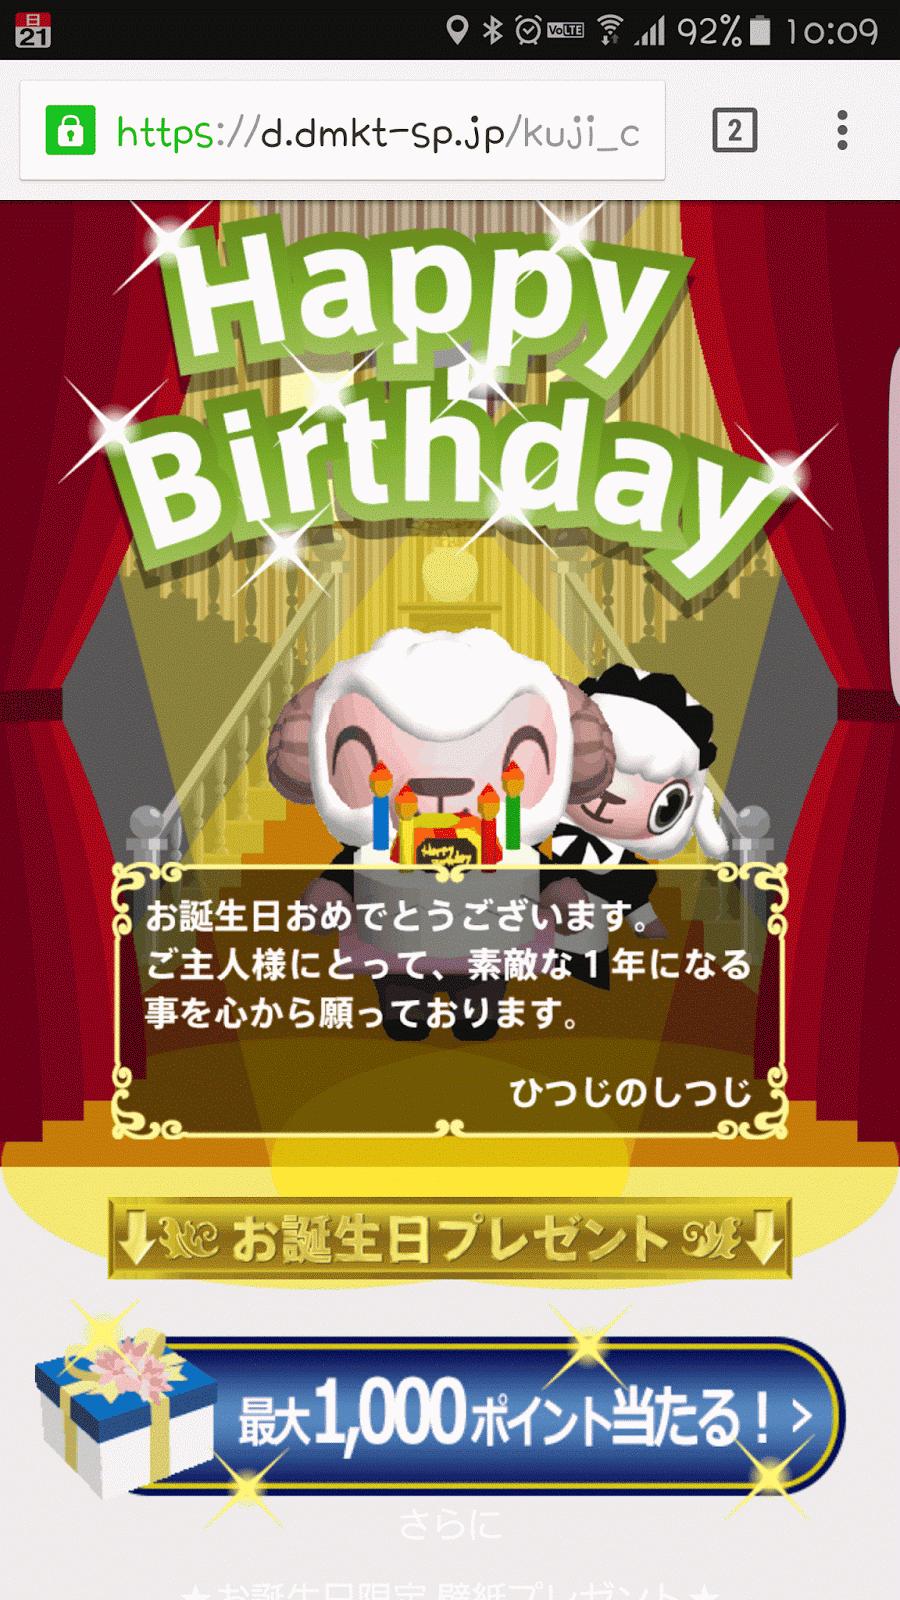 ポイント 誕生 日 ドコモ